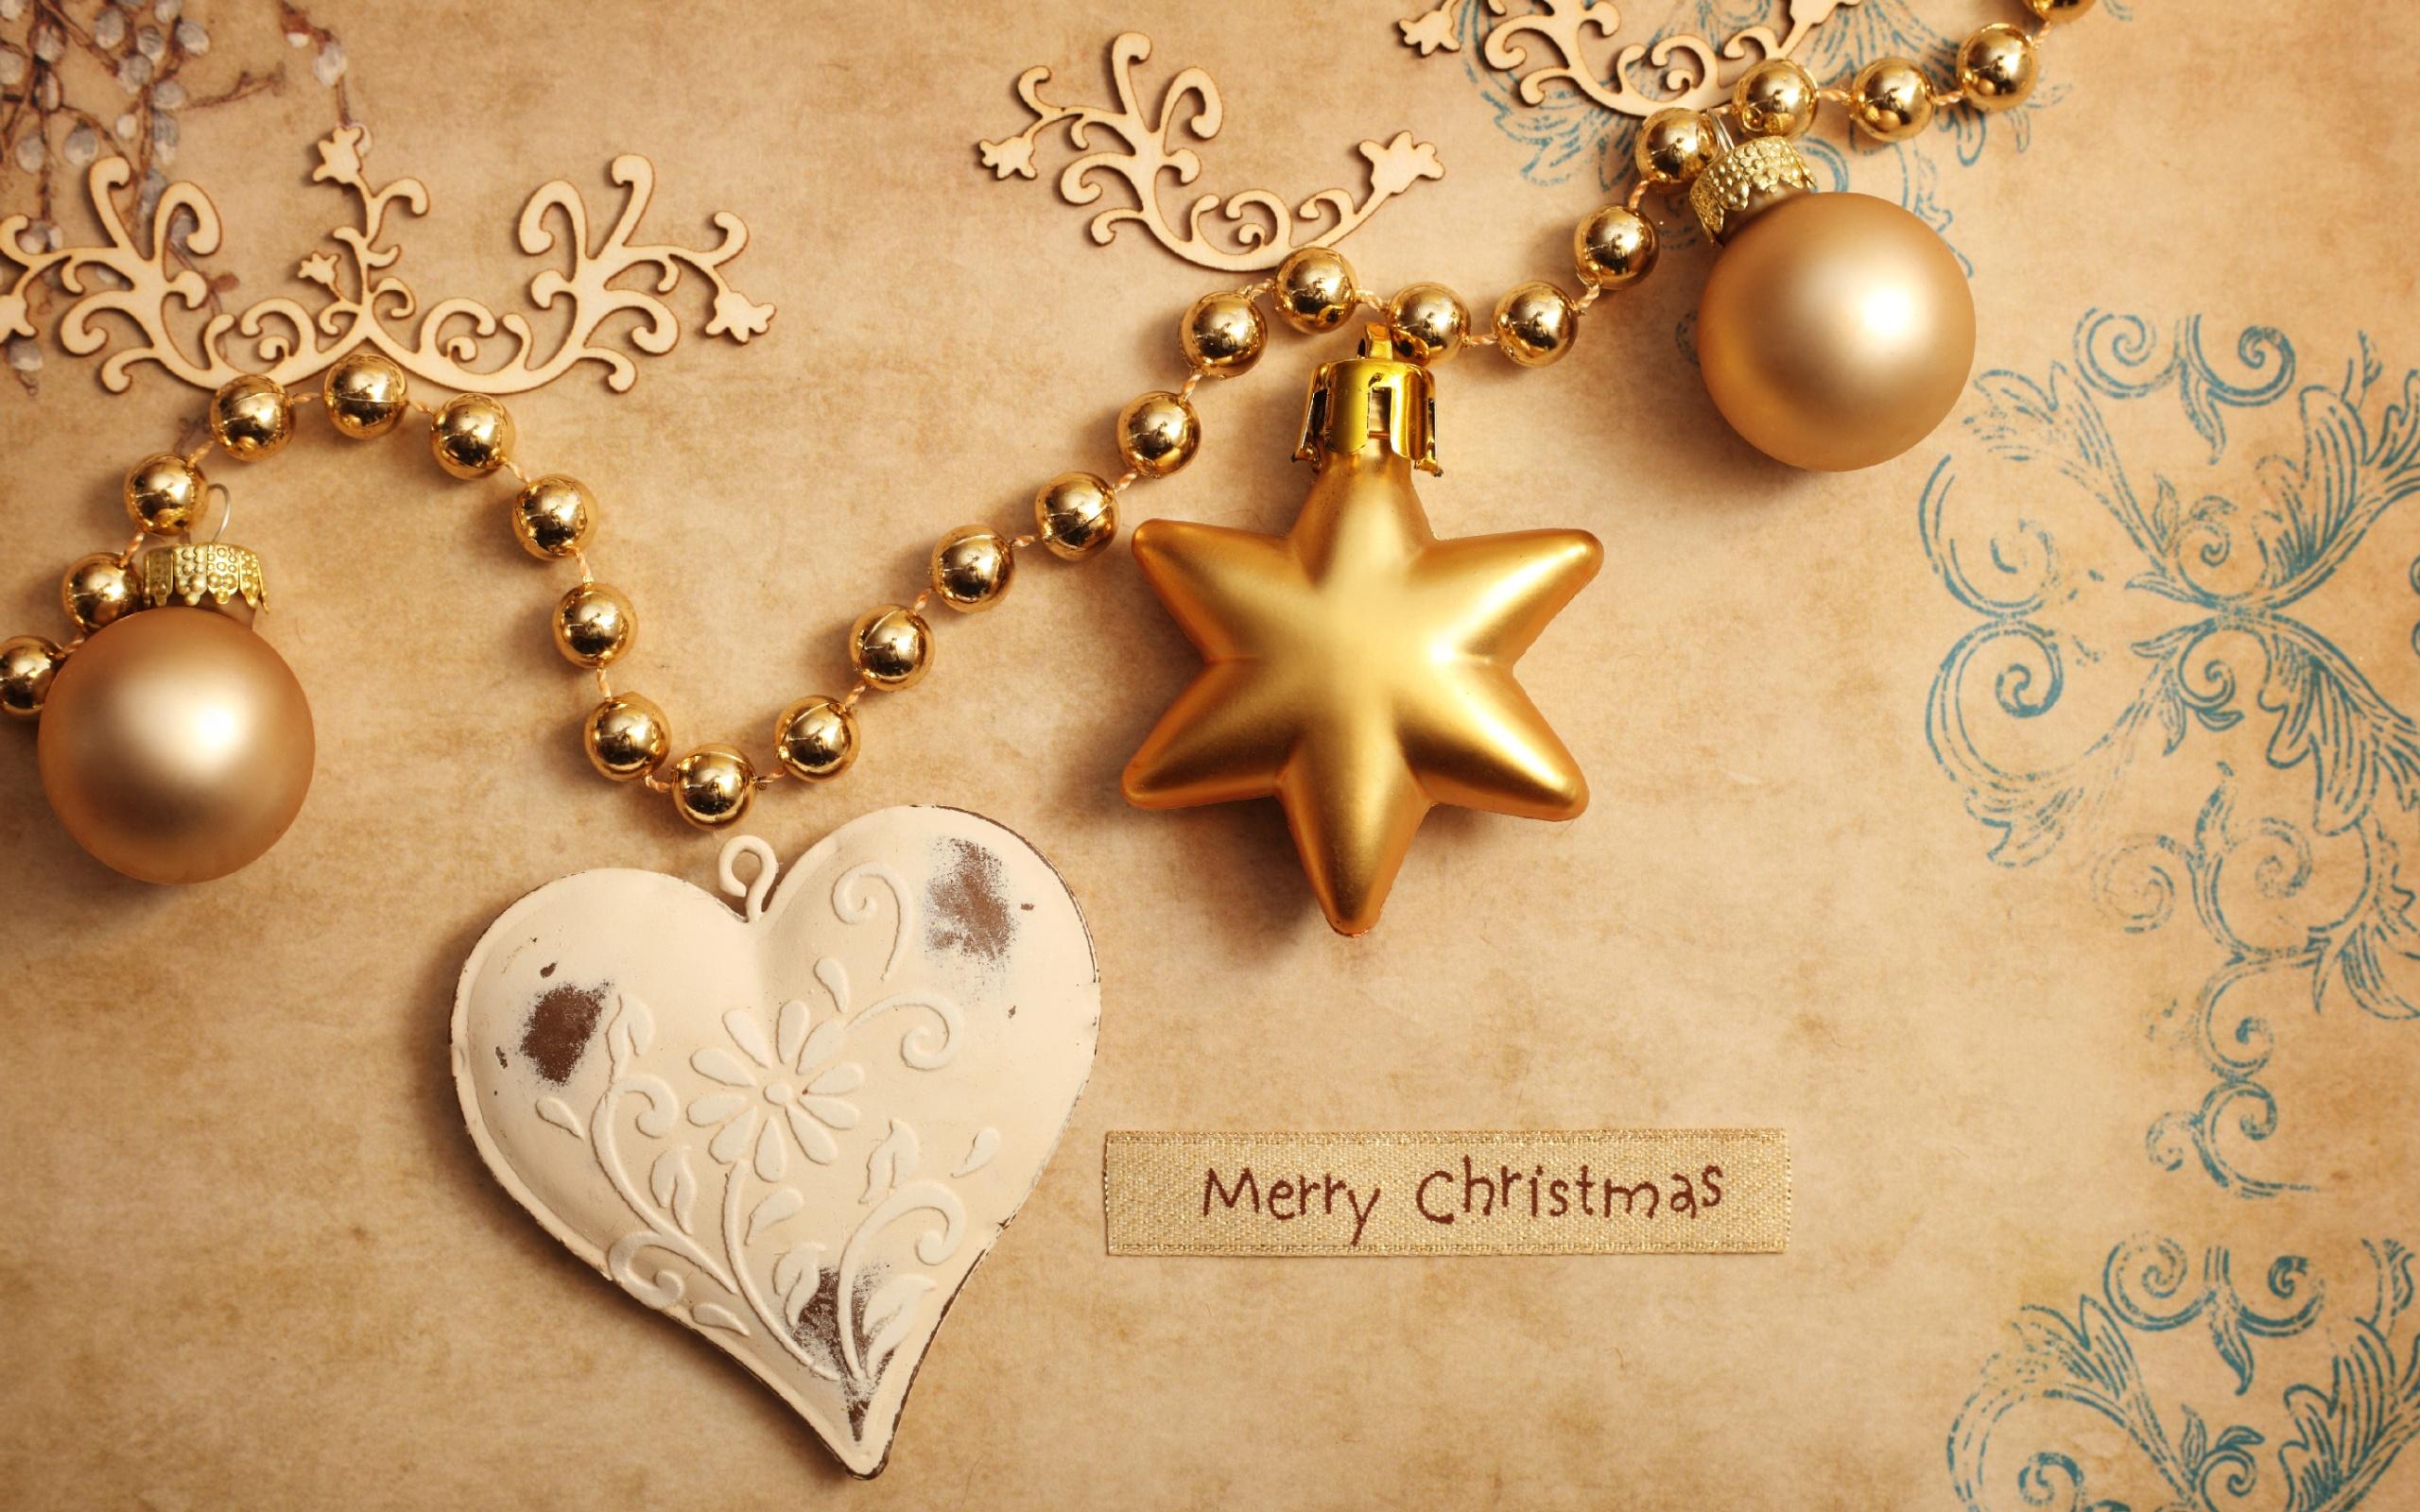 クリスマスの飾り Pc壁紙 オトナ女子向け オシャレな高解像度